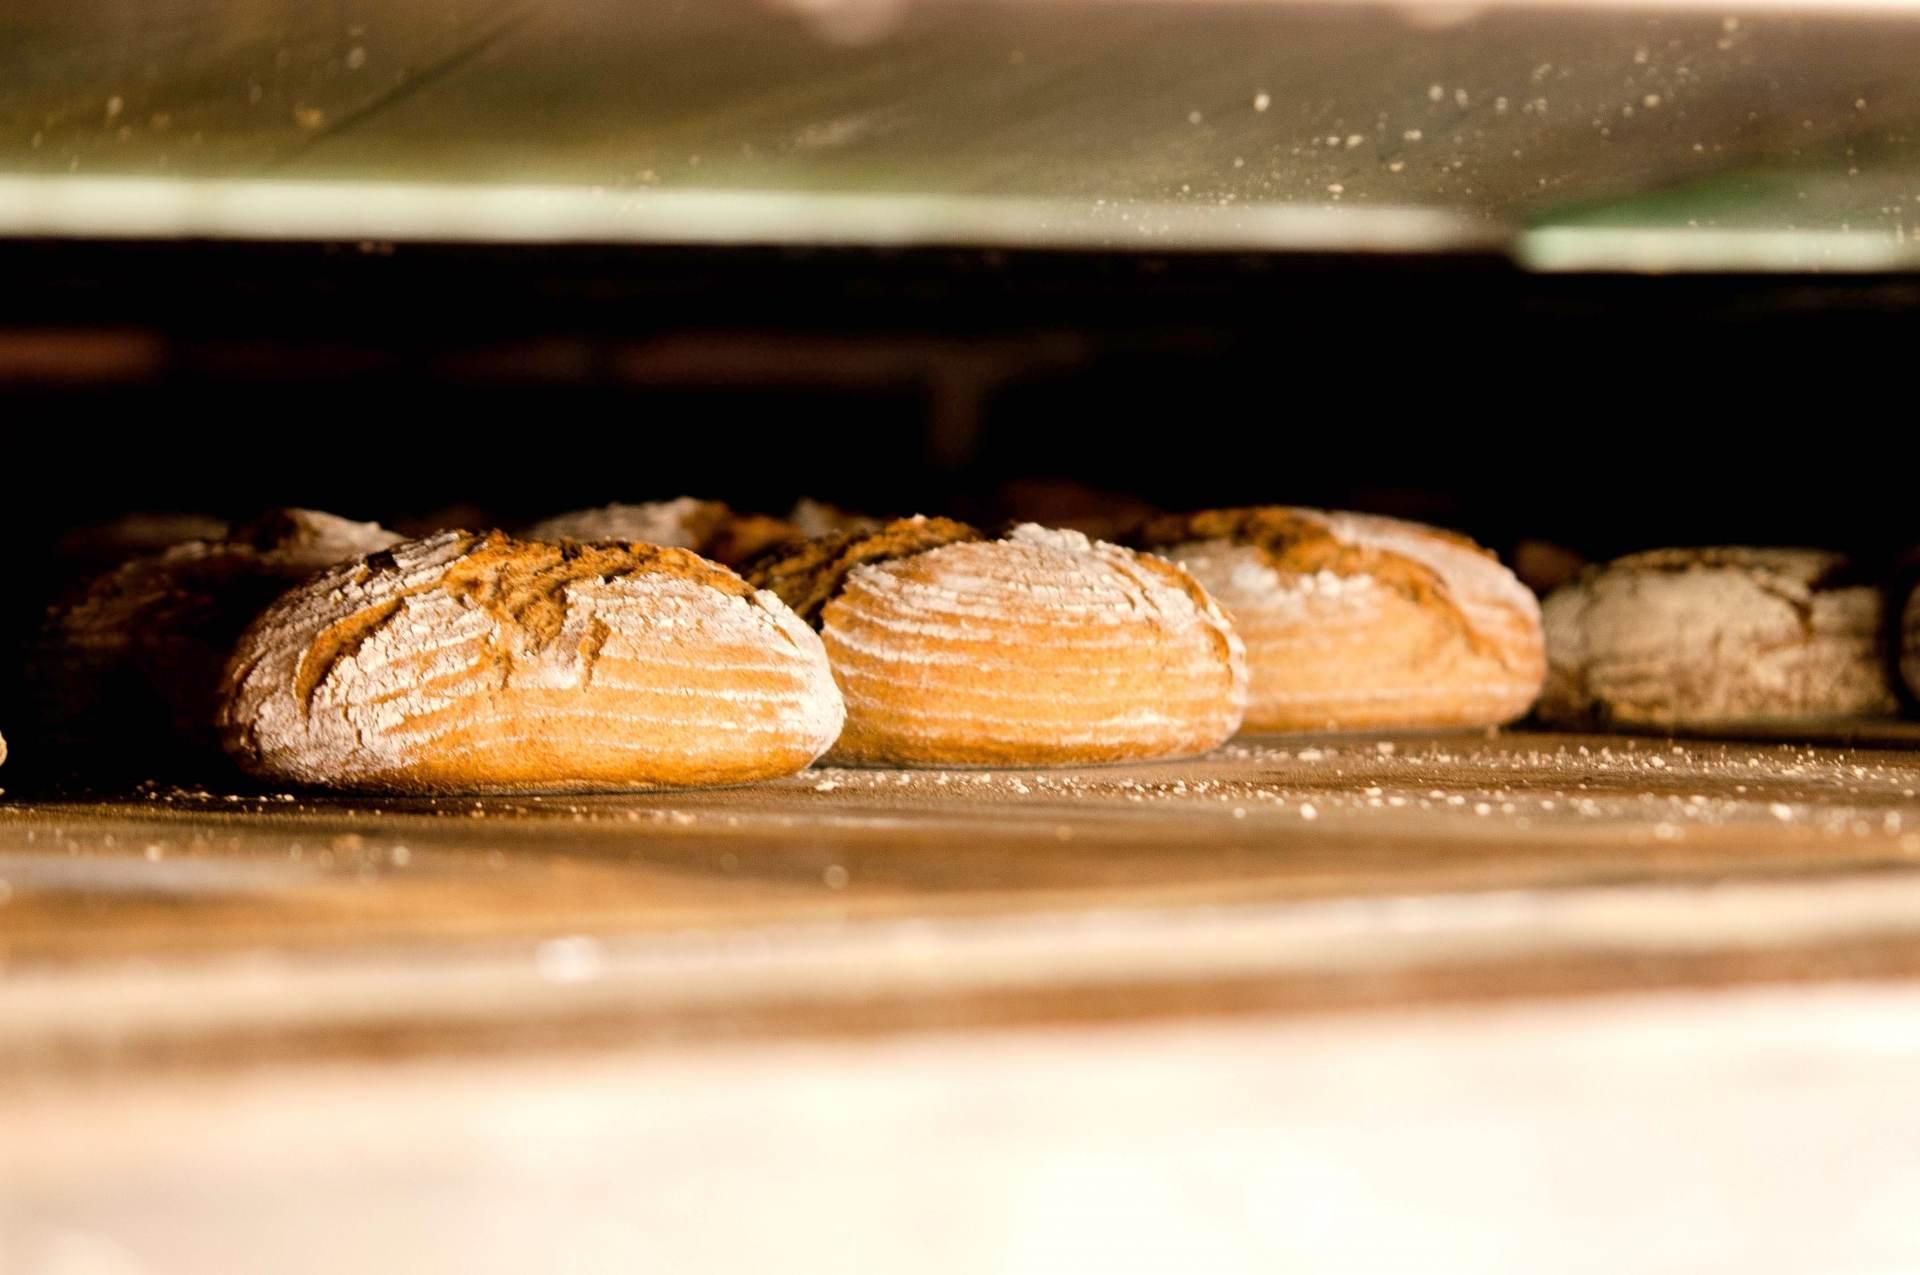 【パン作りのレシピ】基礎から応用までパンのレシピに関する記事一覧